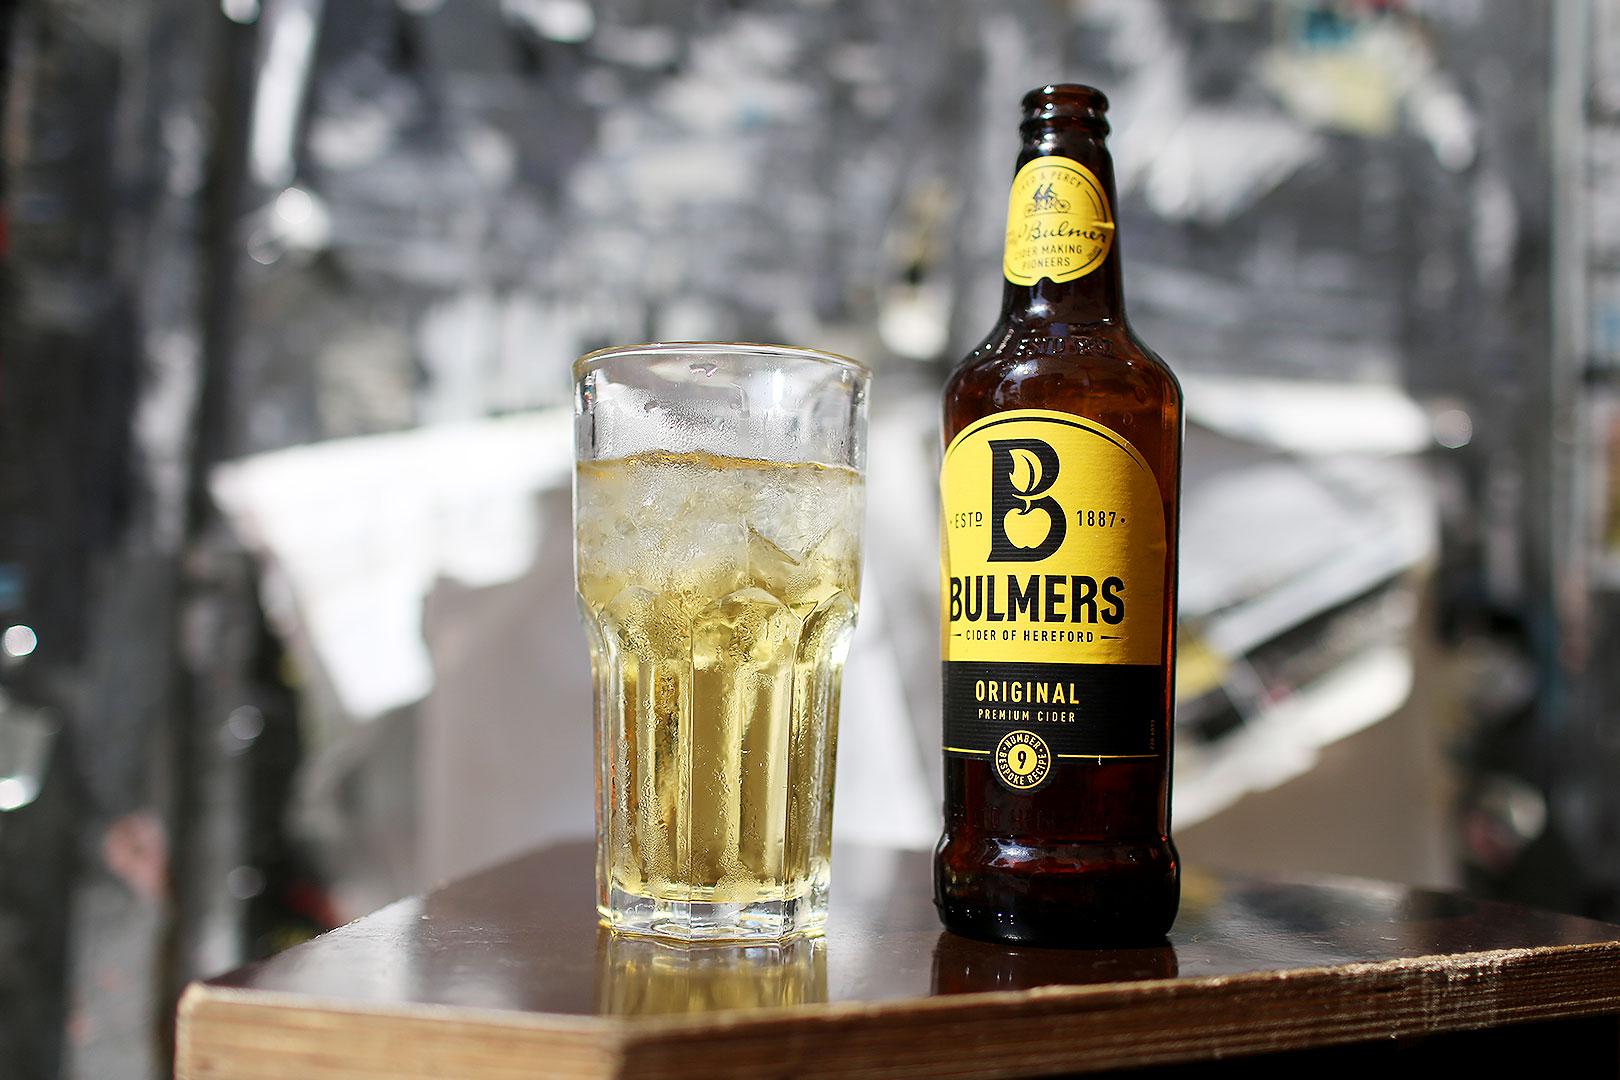 So genießt du dein After Work erfrischend mit einem Cider und ein paar Freunden